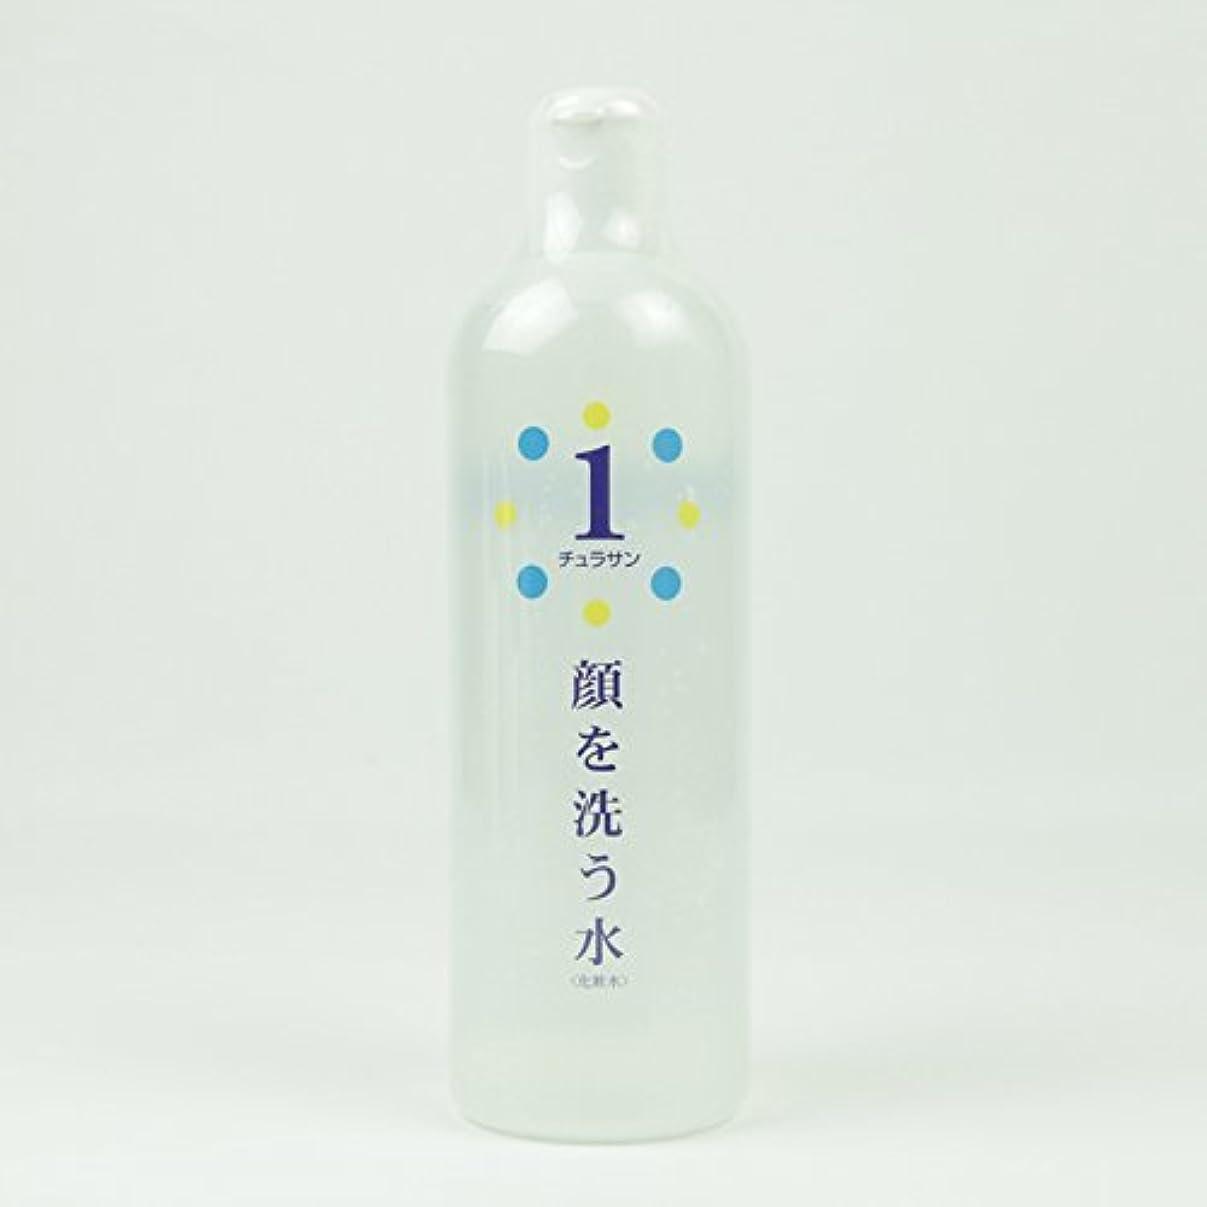 み腐敗旅行チュラサン1 【顔を洗う水】 500ml